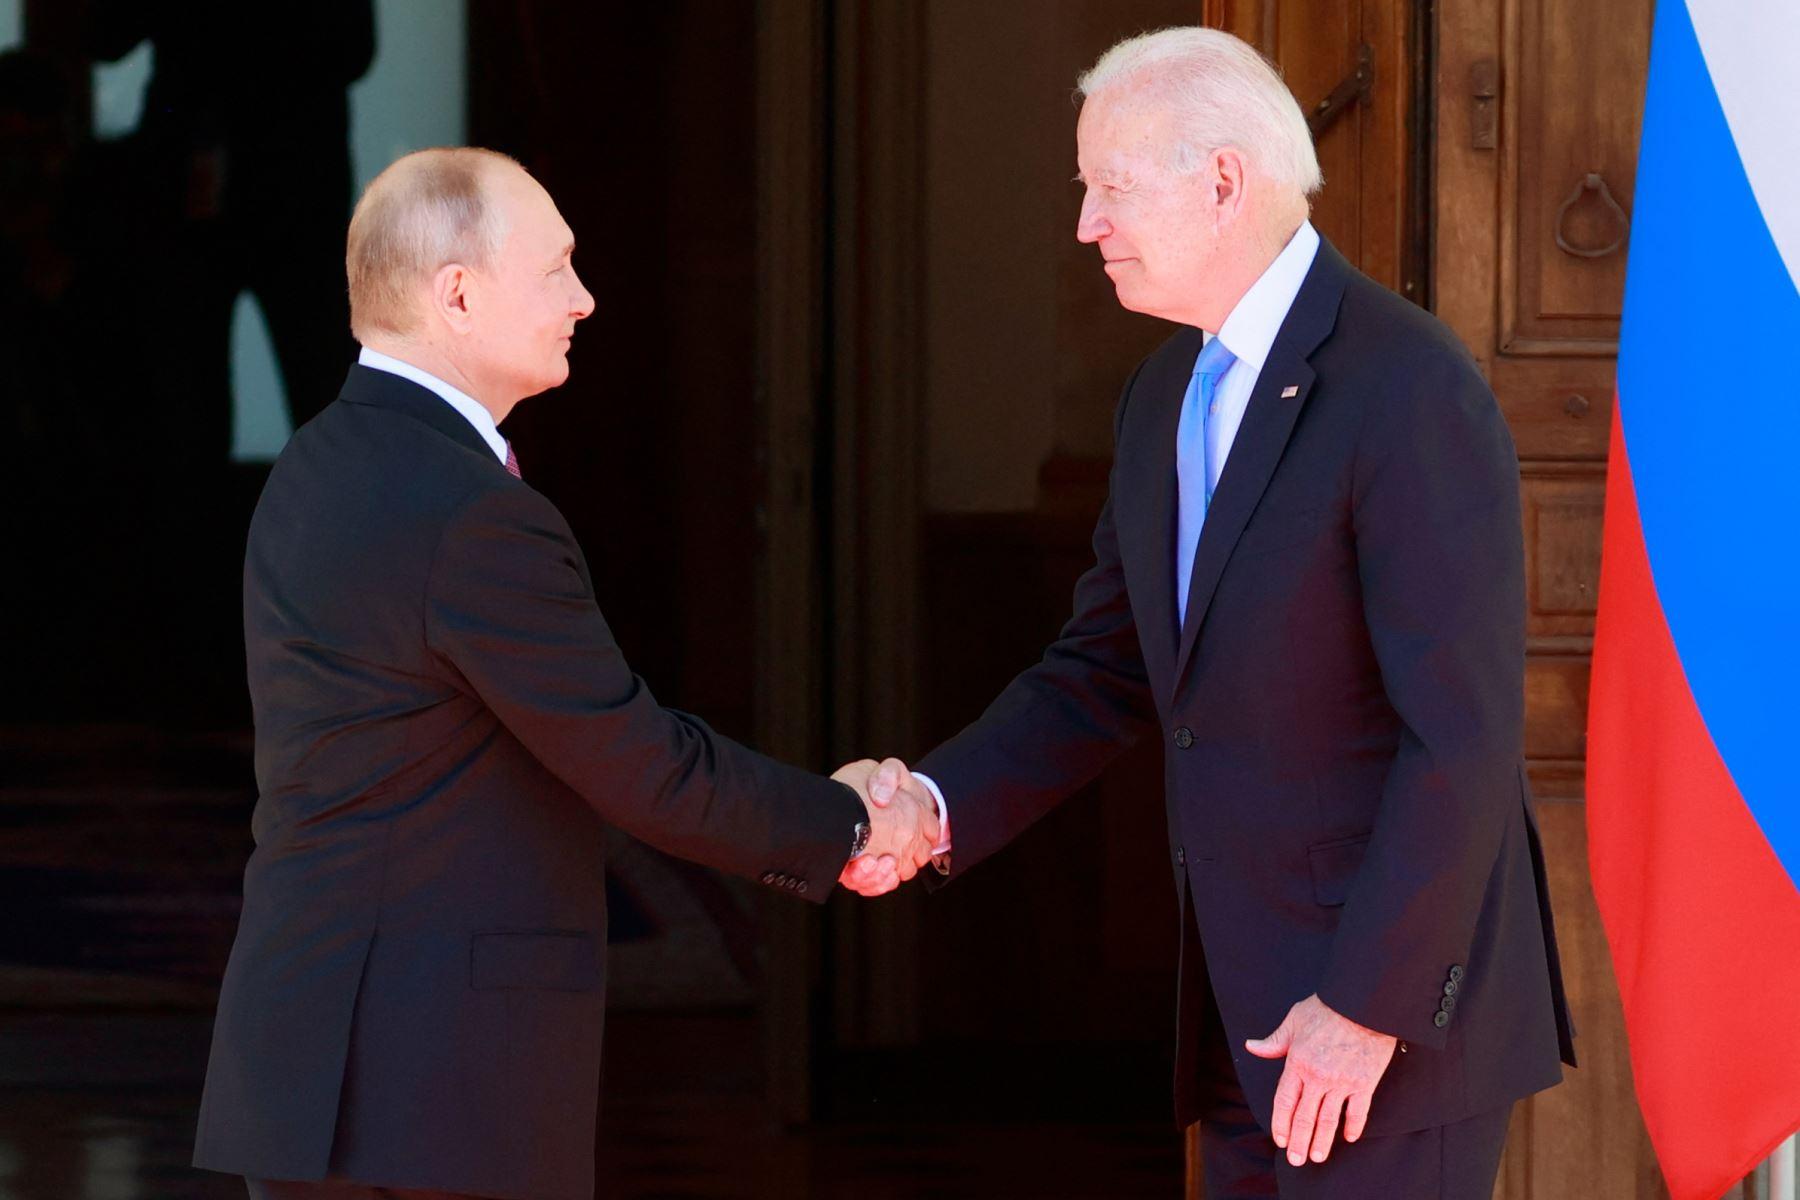 Vladímir Putin y Joe Biden se saludan en el interior de la Villa La Grange, en Ginebra (Suiza). Foto: AFP